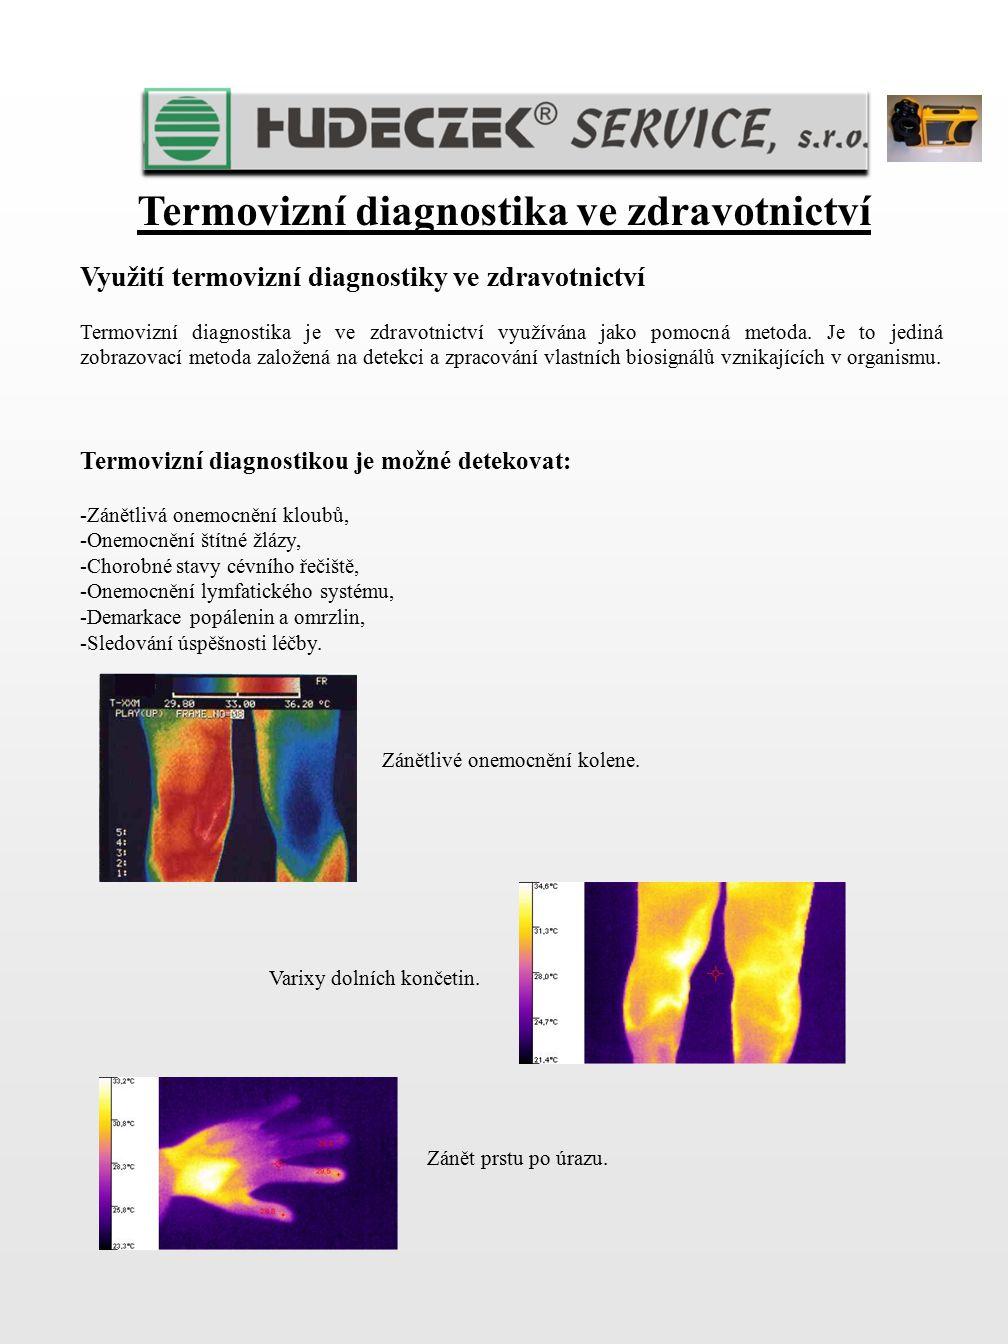 Termovizní diagnostika ve zdravotnictví